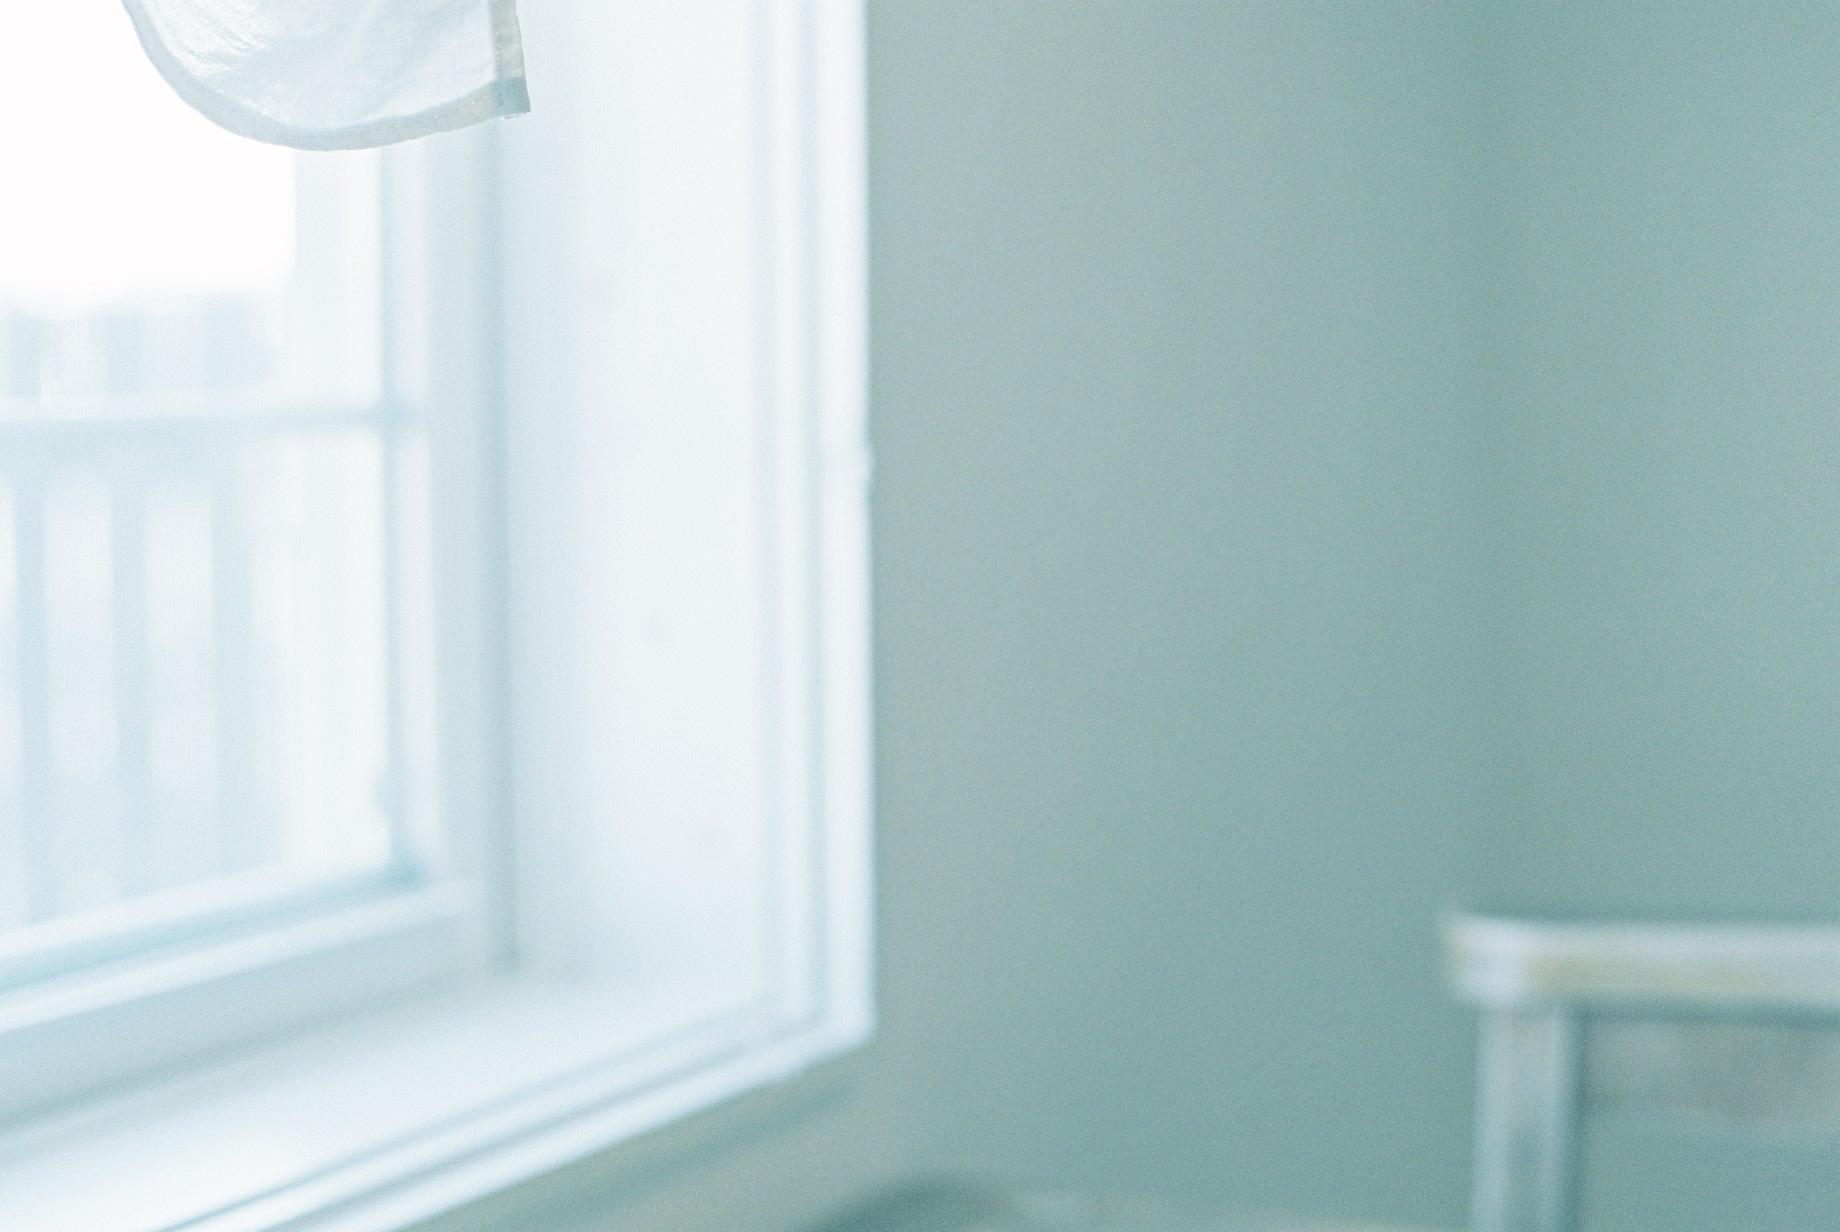 Sfondi cuore camera parete casa blu bicchiere tenda